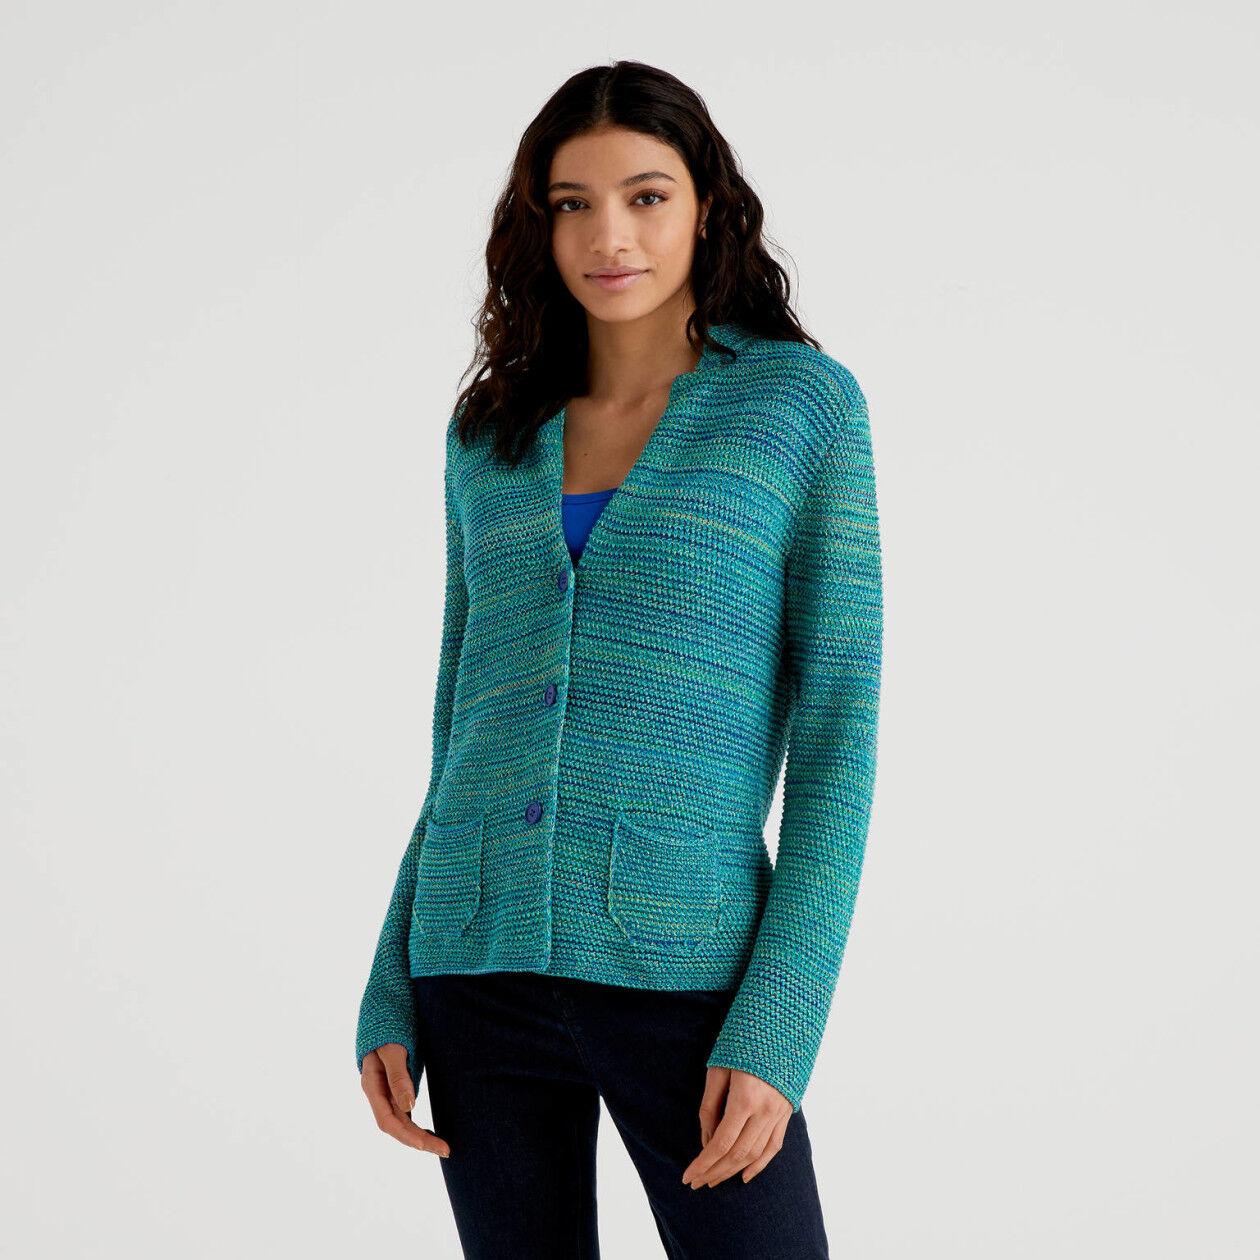 Giacca in maglia 100% cotone